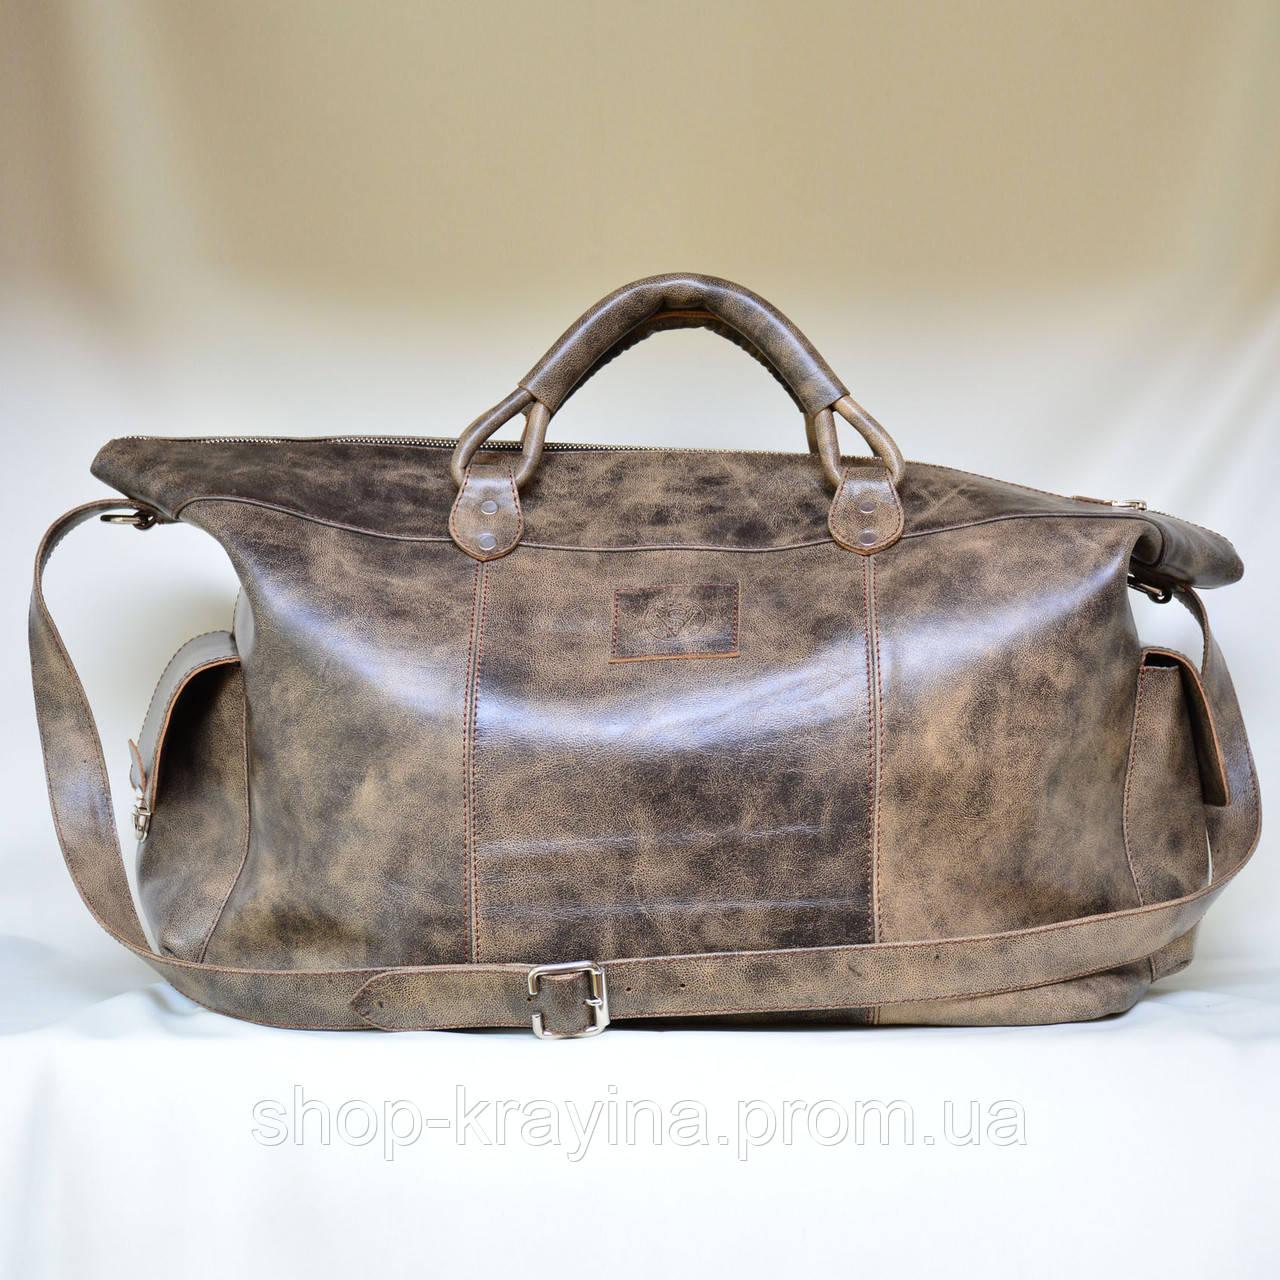 Кожаная сумка VS116 vintage brown 52х28х22 см